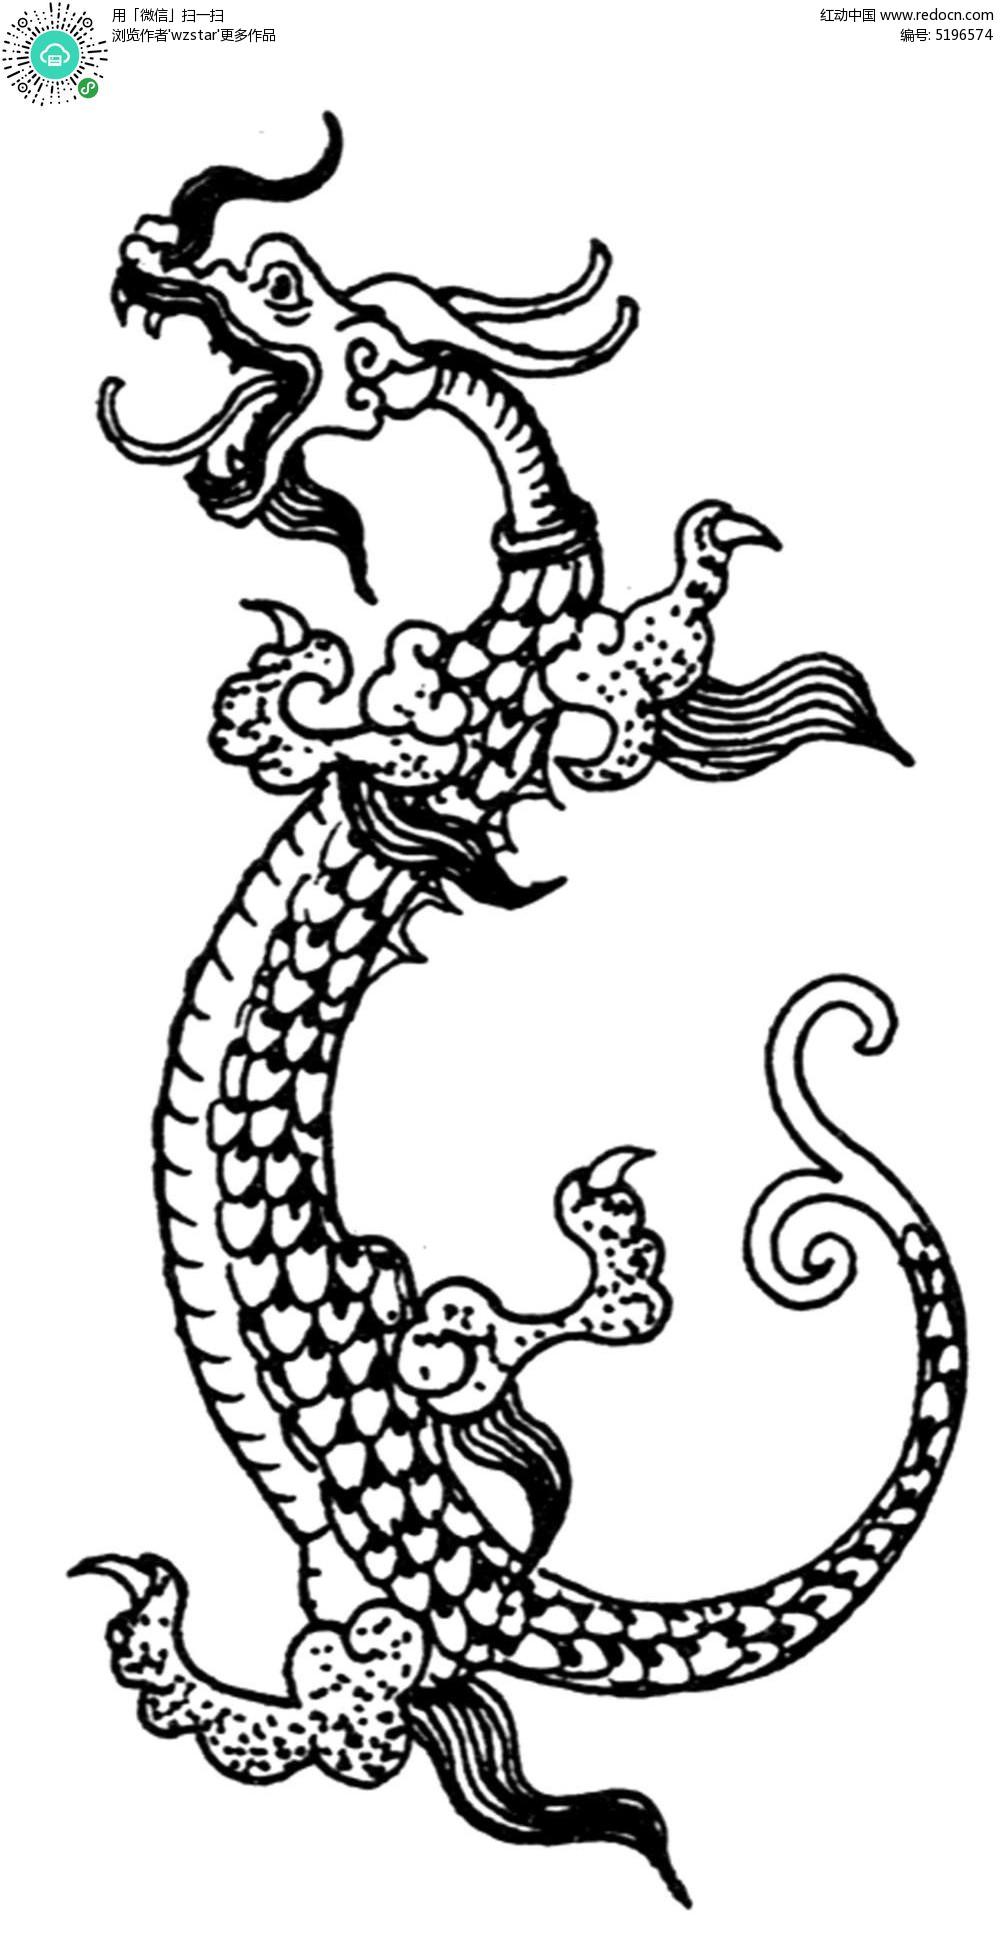 黑白线条古典龙纹